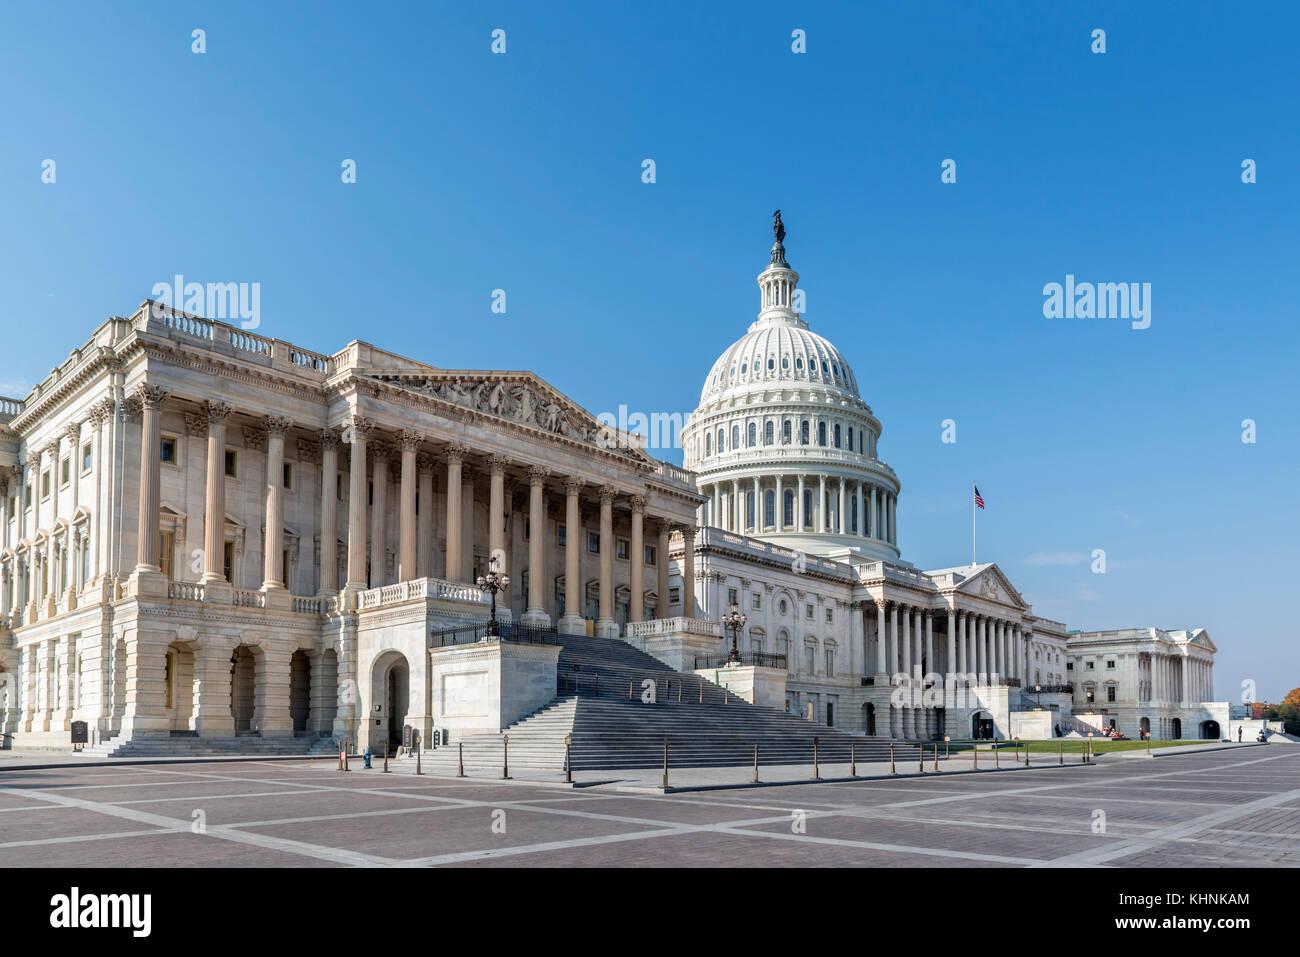 La facciata est del Campidoglio degli Stati Uniti, Washington DC, Stati Uniti d'America Immagini Stock